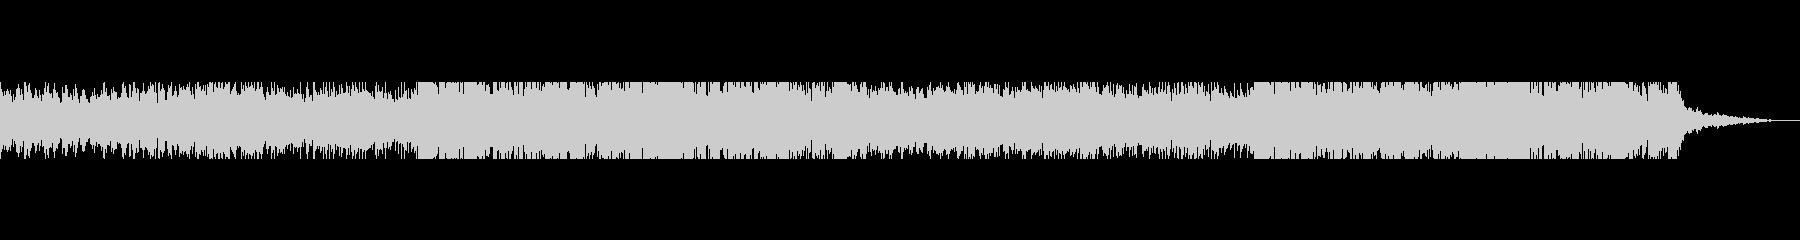 デジタルトランスチックなIDMテクスチlの未再生の波形